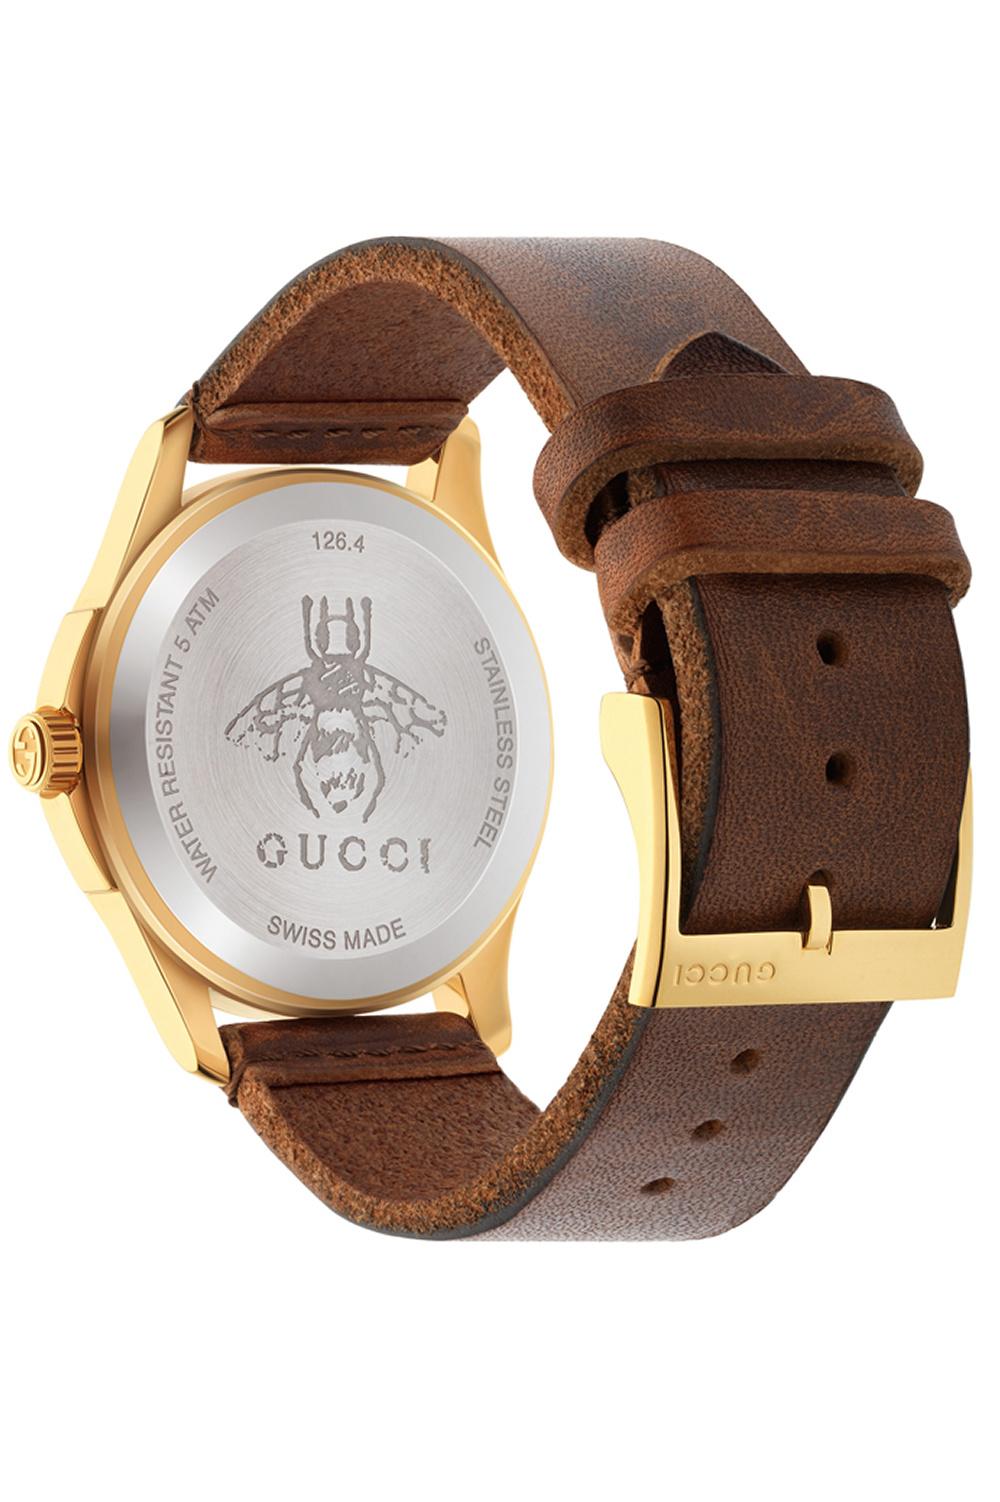 Gucci 'Le Marché Des Merveilles' watch